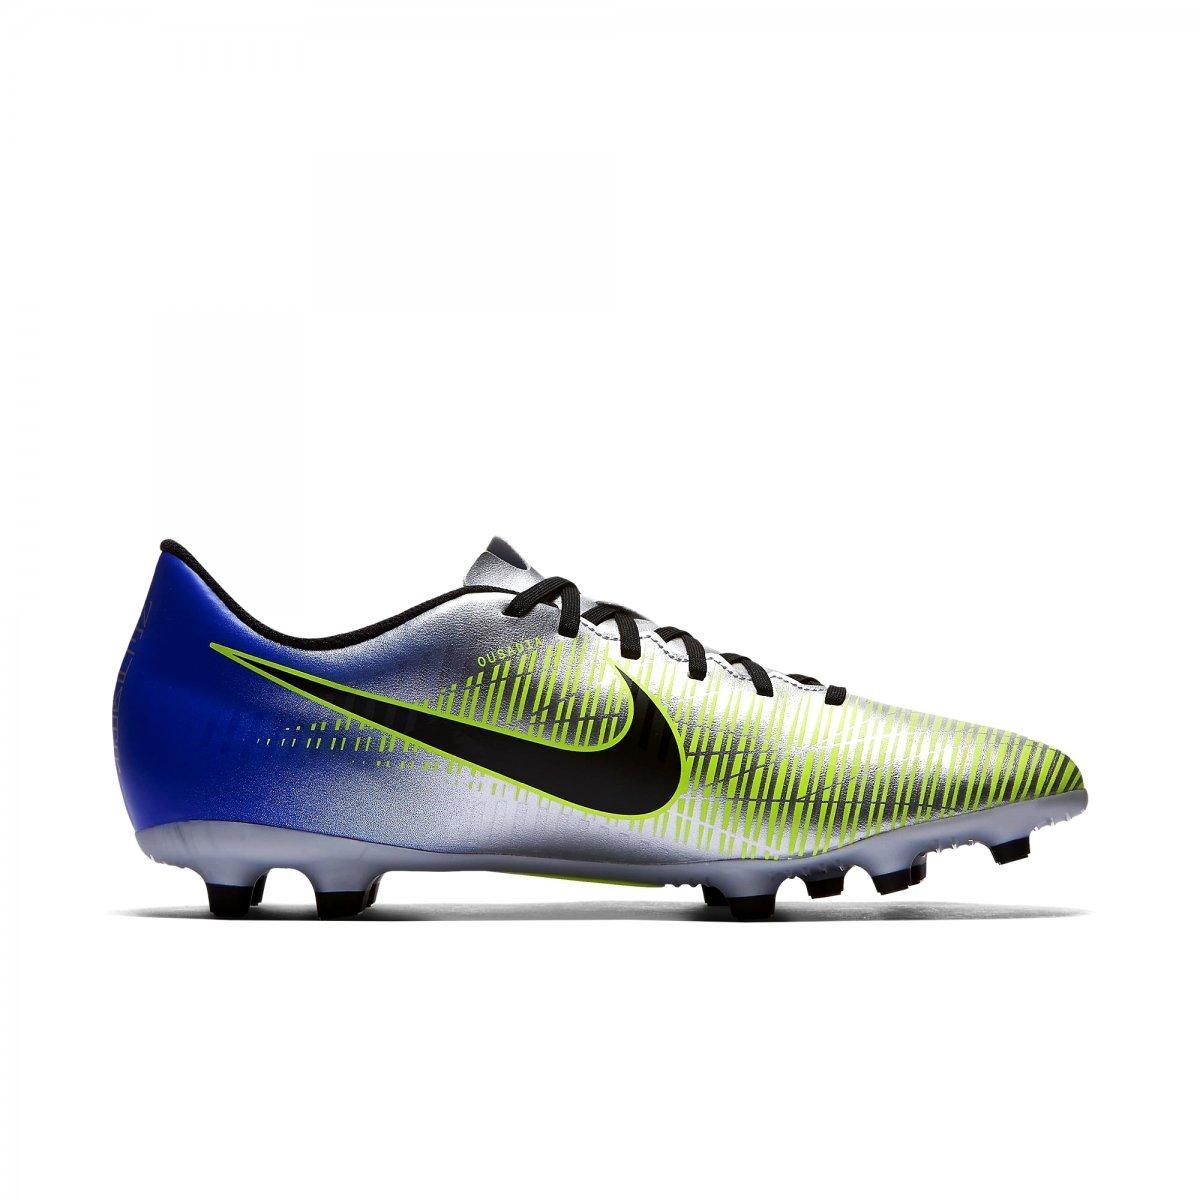 46159d5768 Amplie a imagem. Chuteira Nike Mercurial Vortex 3 Neymar Campo  Chuteira  Nike Mercurial ...